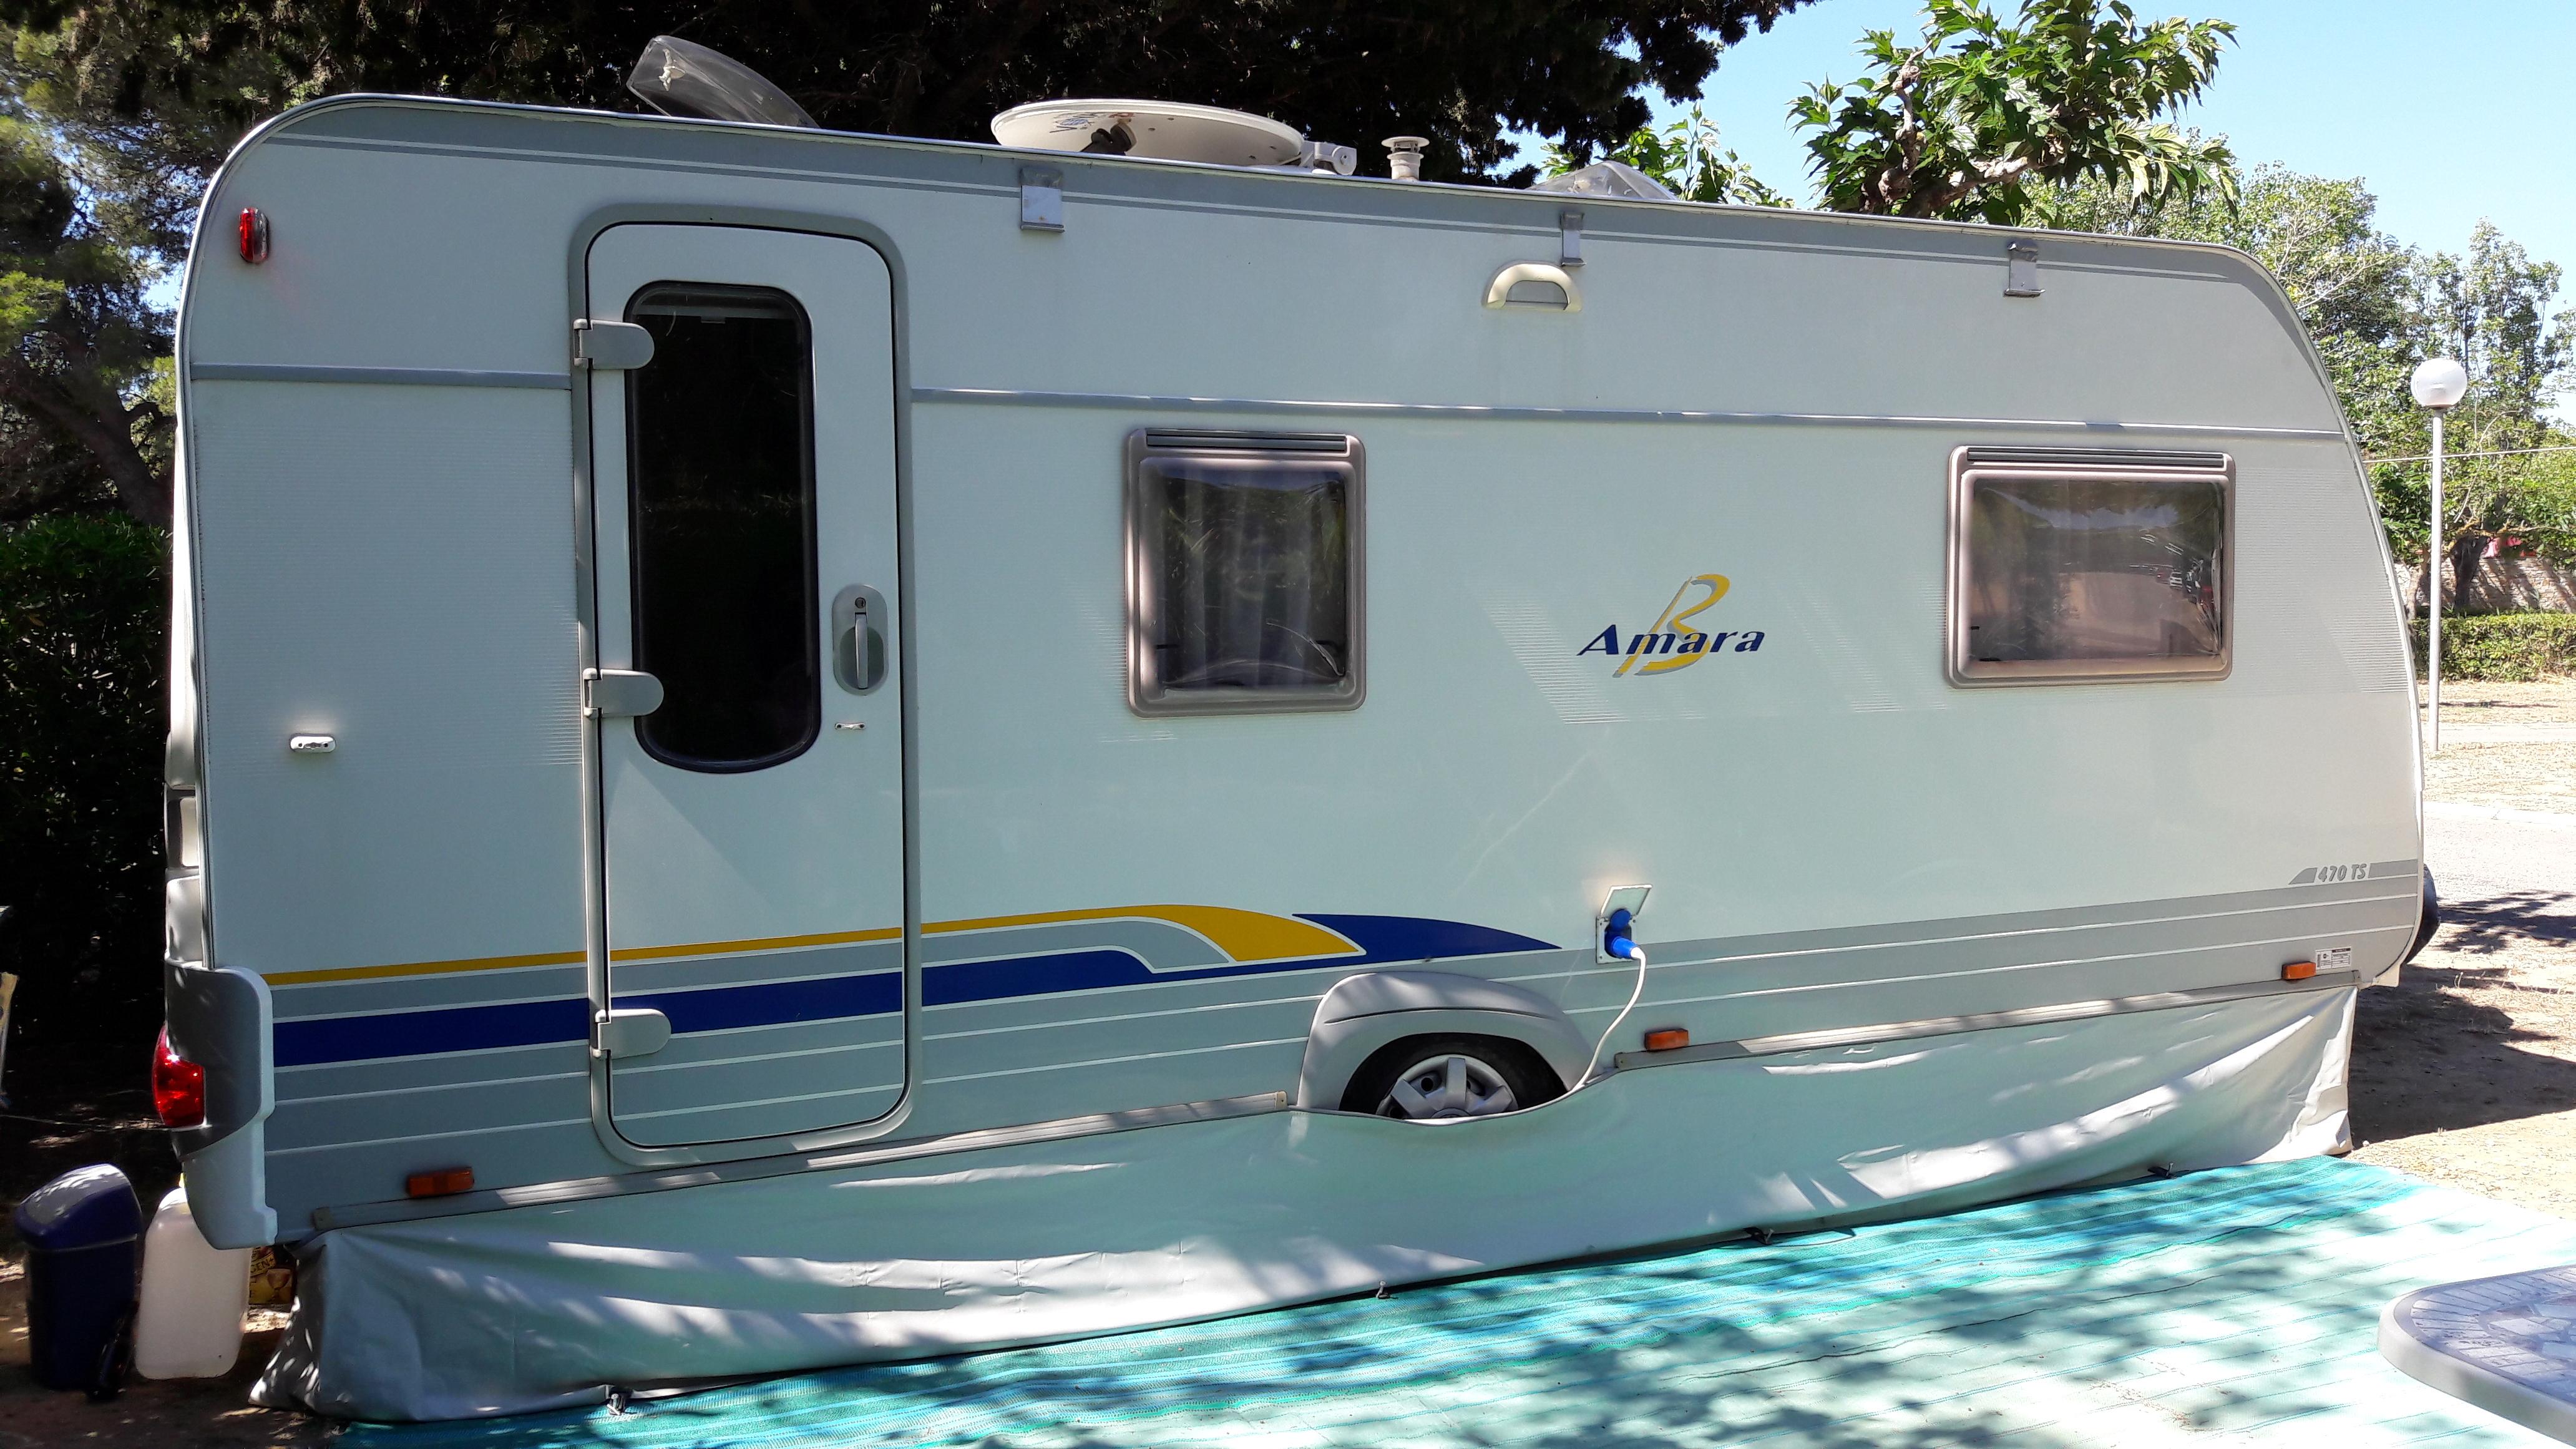 Caravane occasion Burtsner Amara 470TS